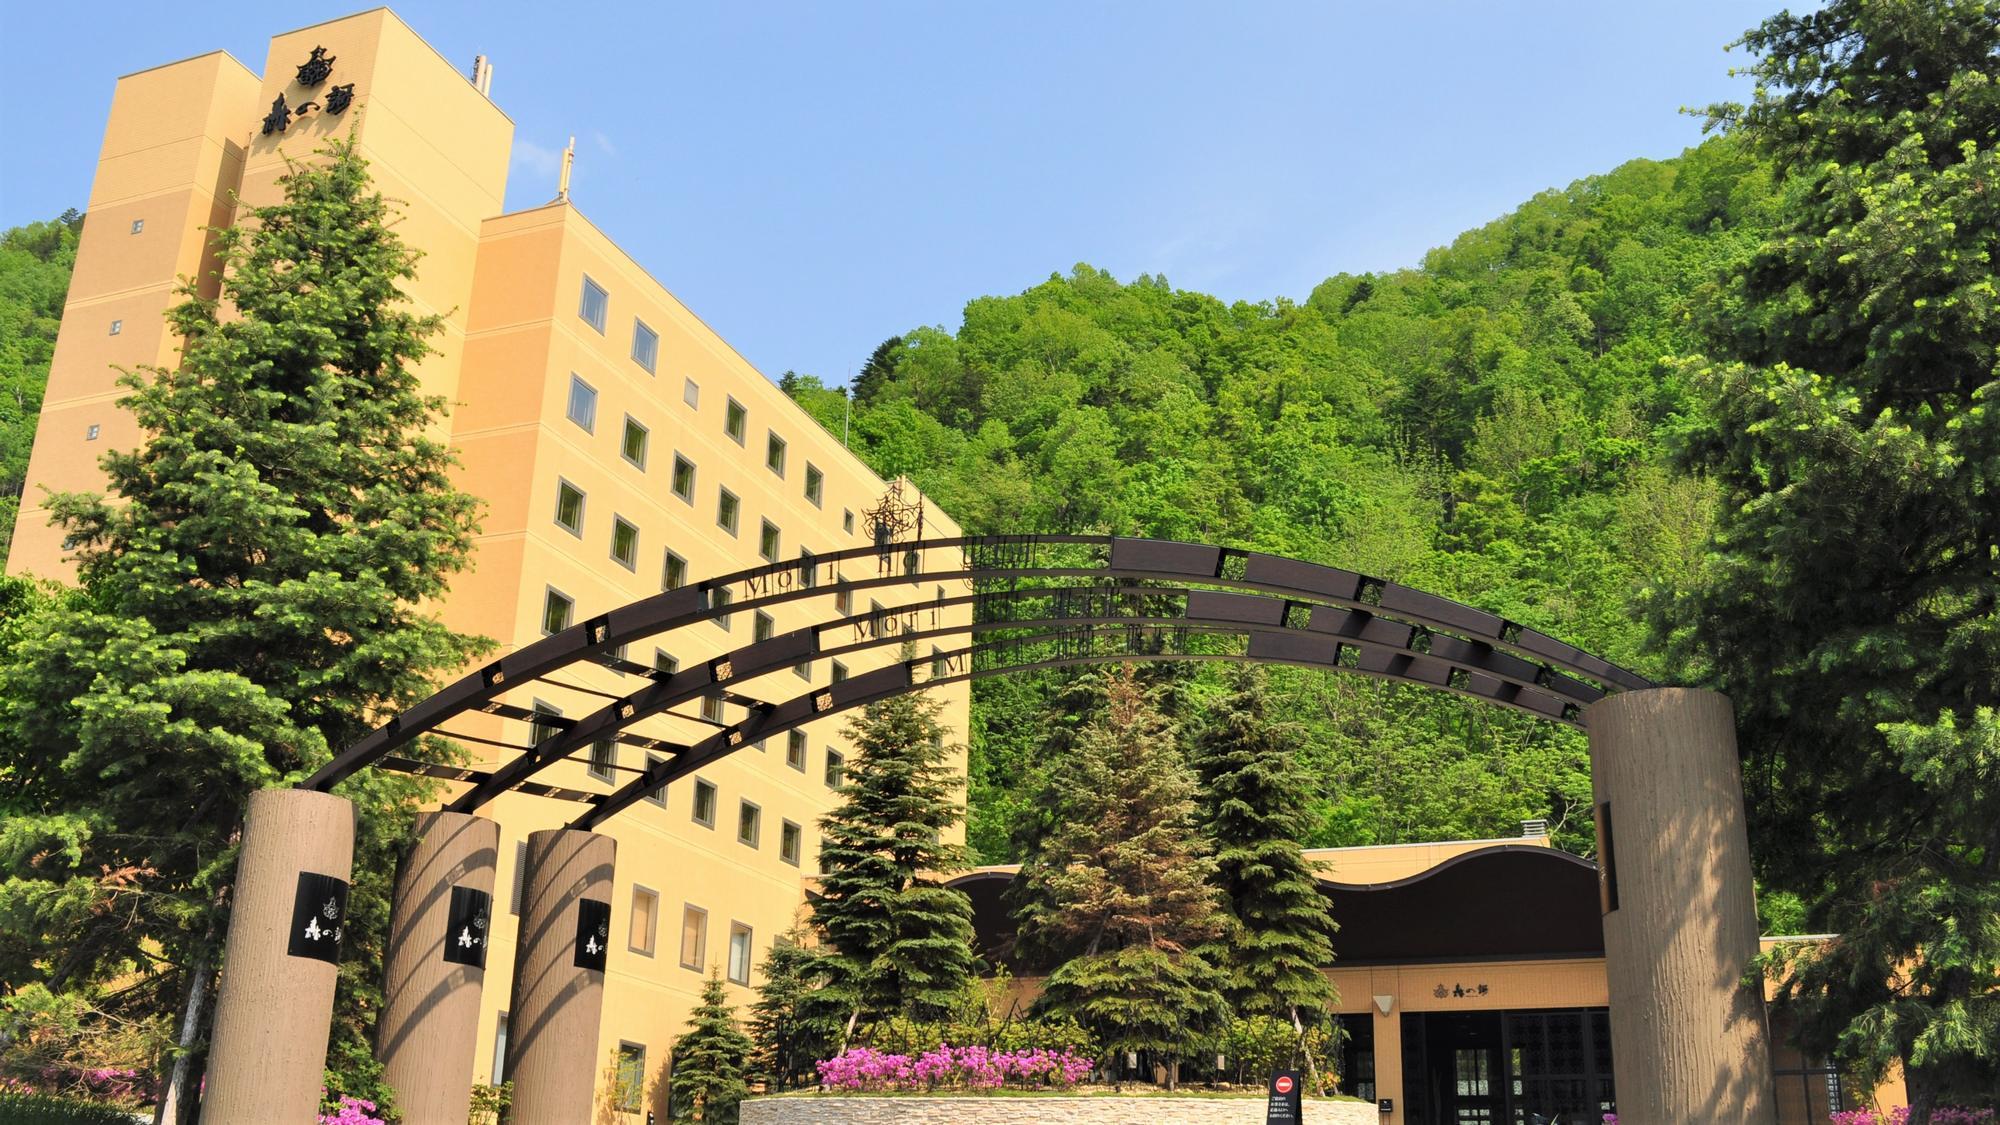 定山渓温泉で12月に寒い中露天風呂を堪能できるオススメの宿を教えてください!